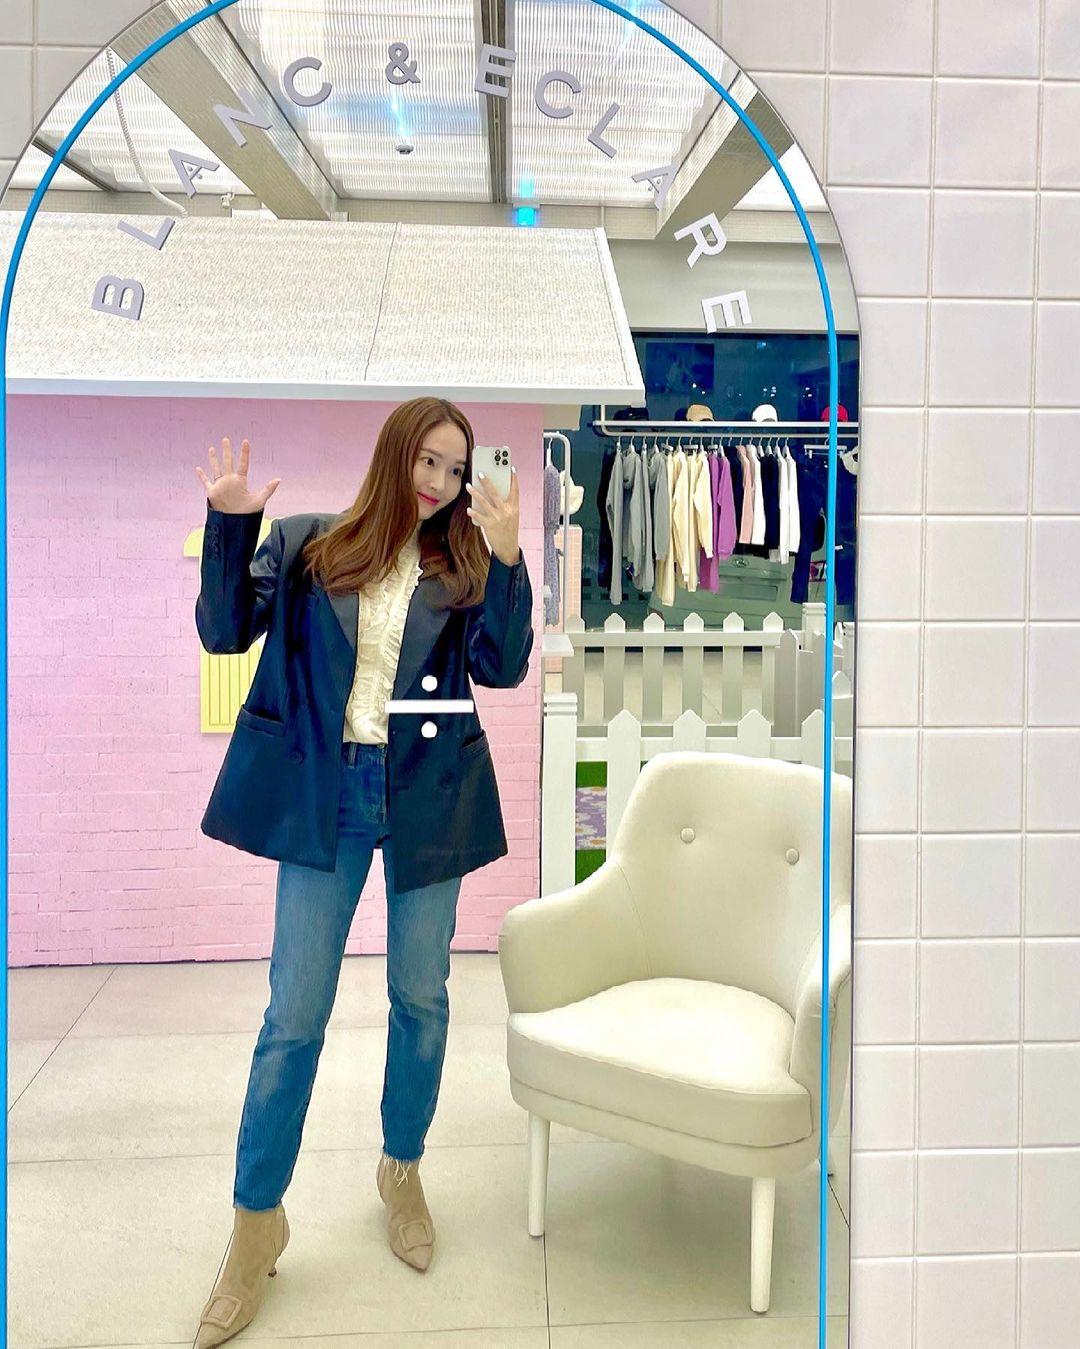 Check nhanh 9 cách diện áo blouse đẹp mê từ sao Hàn, đang bí ý tưởng lên đồ quẩy cuối tuần thì xem ngay! - Ảnh 3.